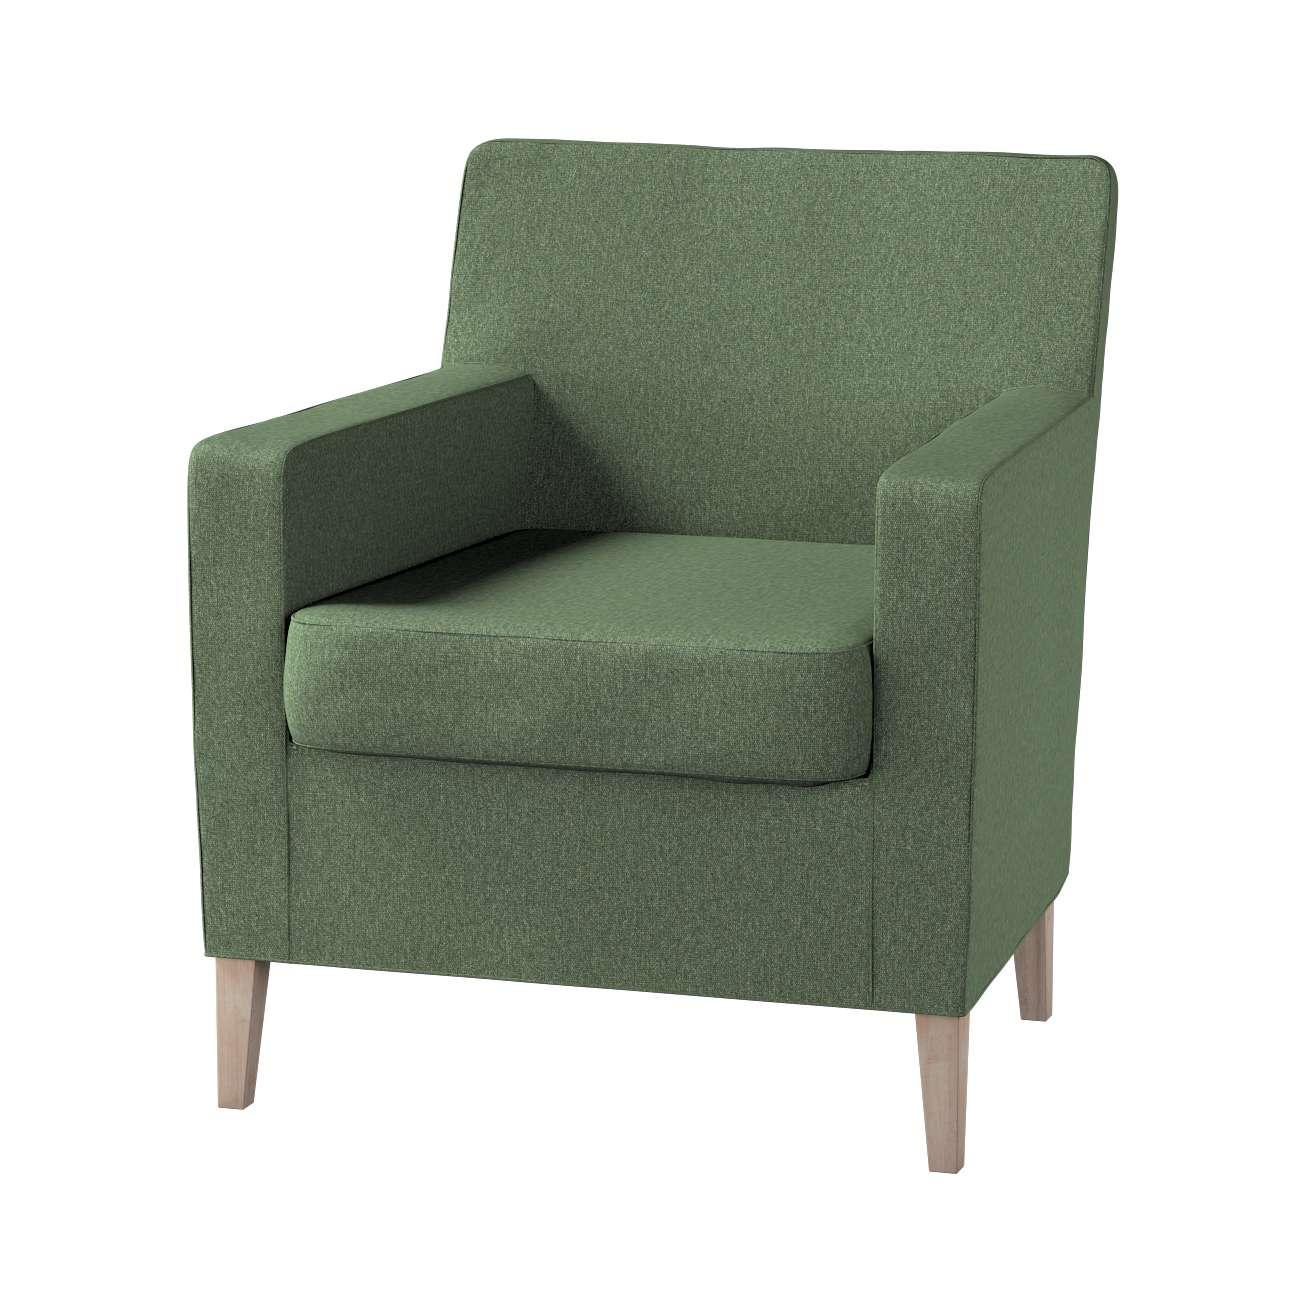 Pokrowiec na fotel Karlstad w kolekcji Amsterdam, tkanina: 704-44